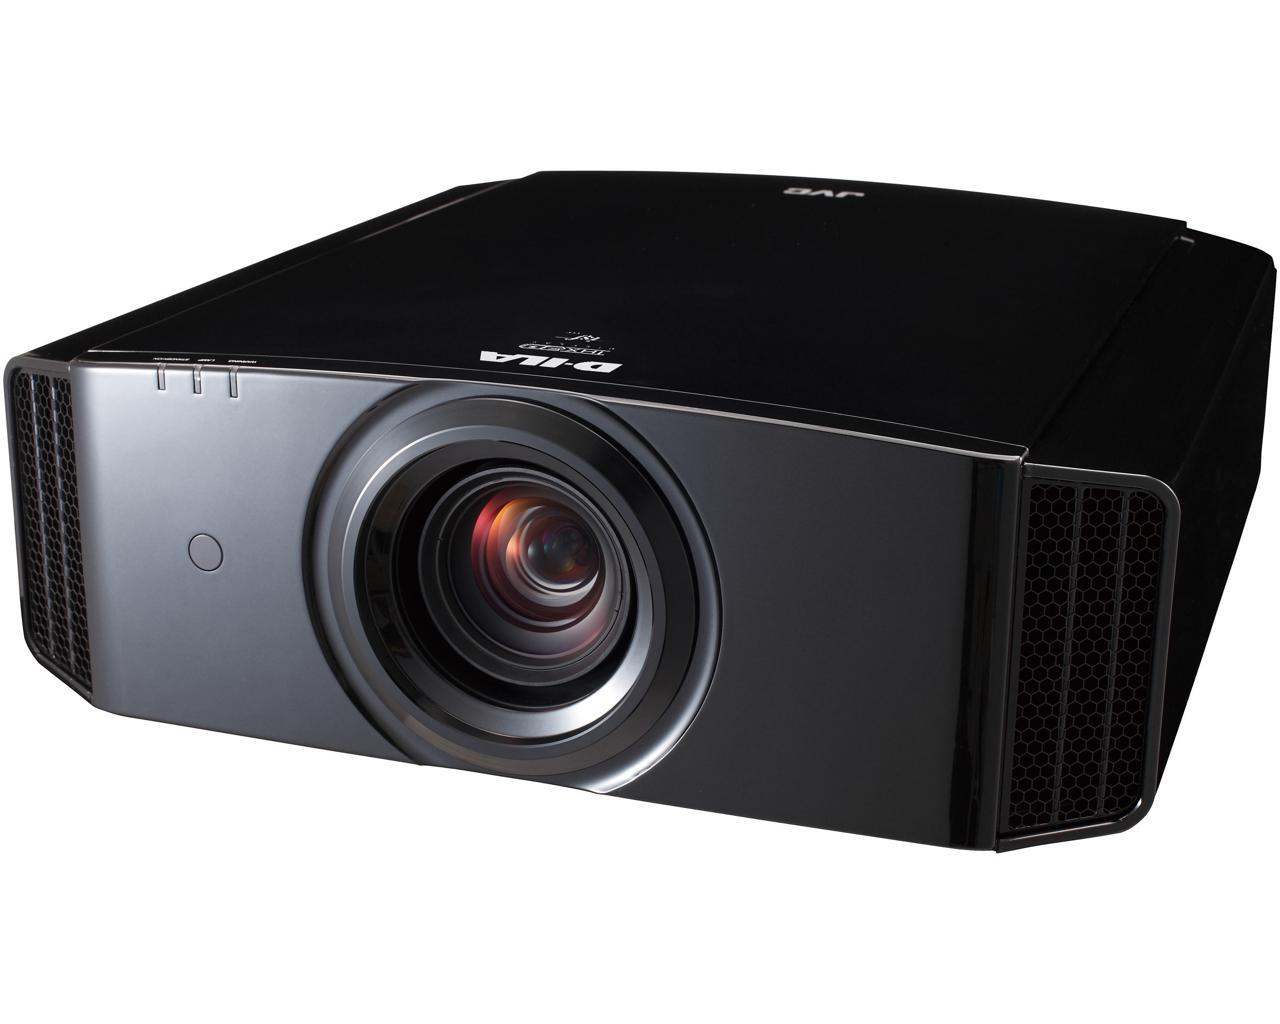 DLA-X900RBE